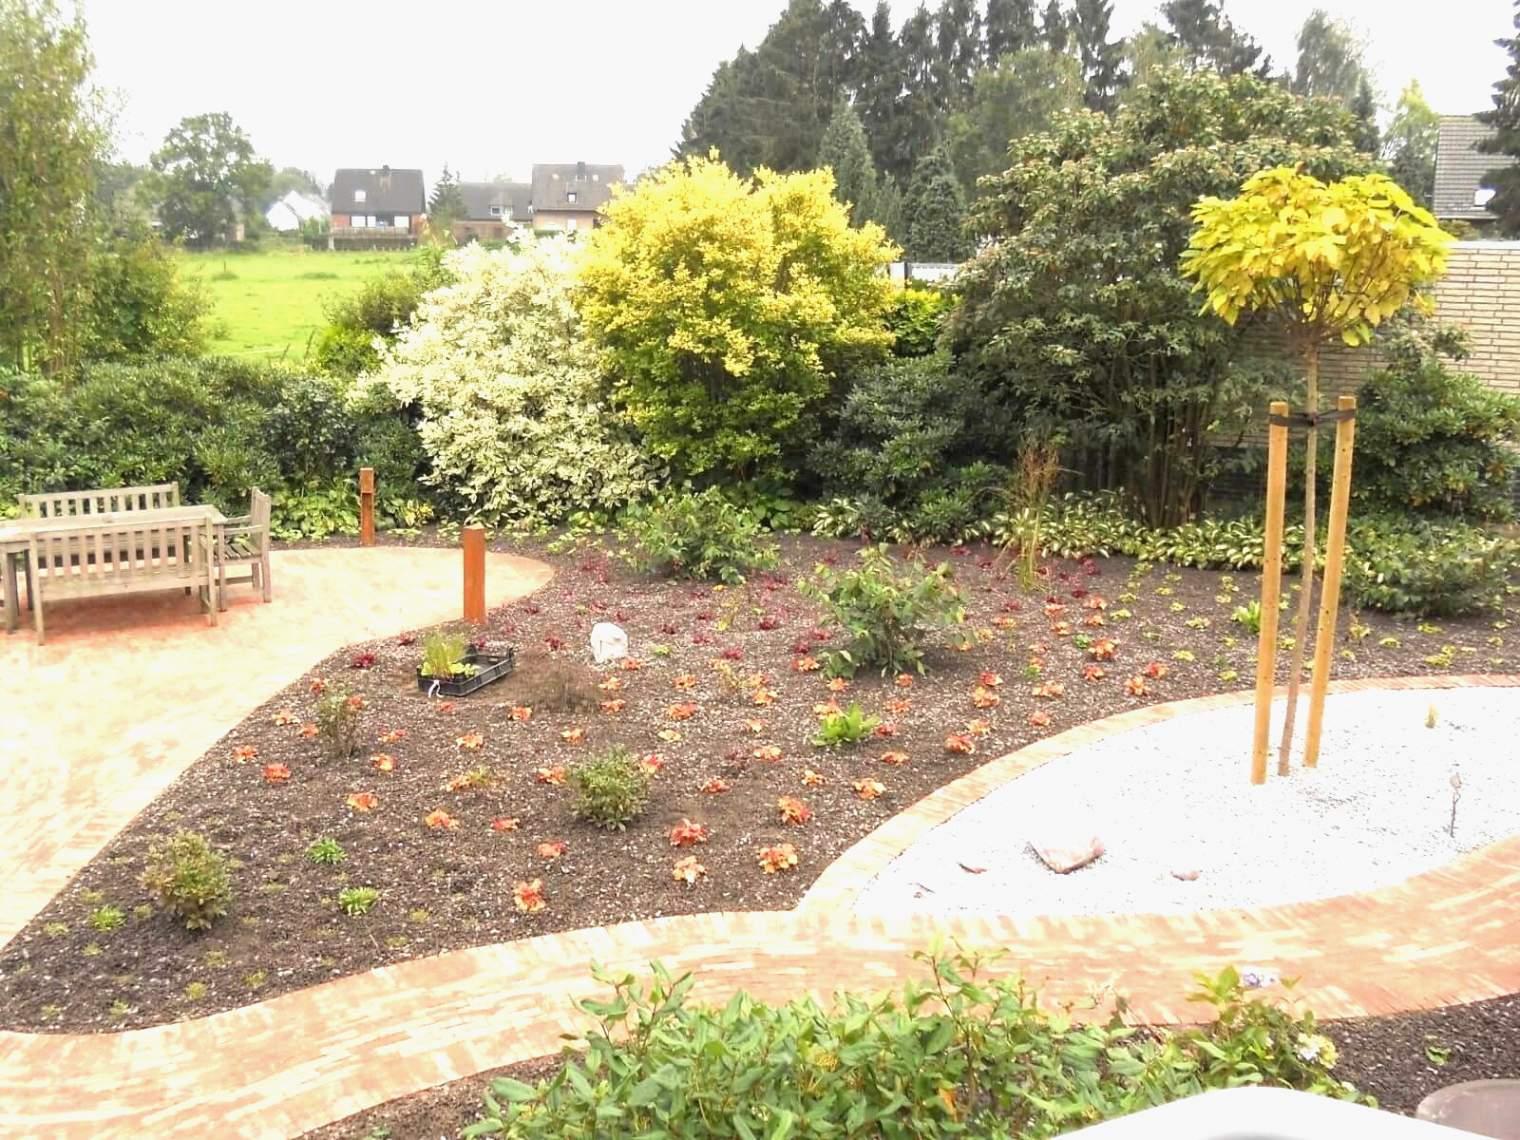 cogitore winterharte kubelpflanzen als sichtschutz winterharte kubelpflanzen als sichtschutz 1